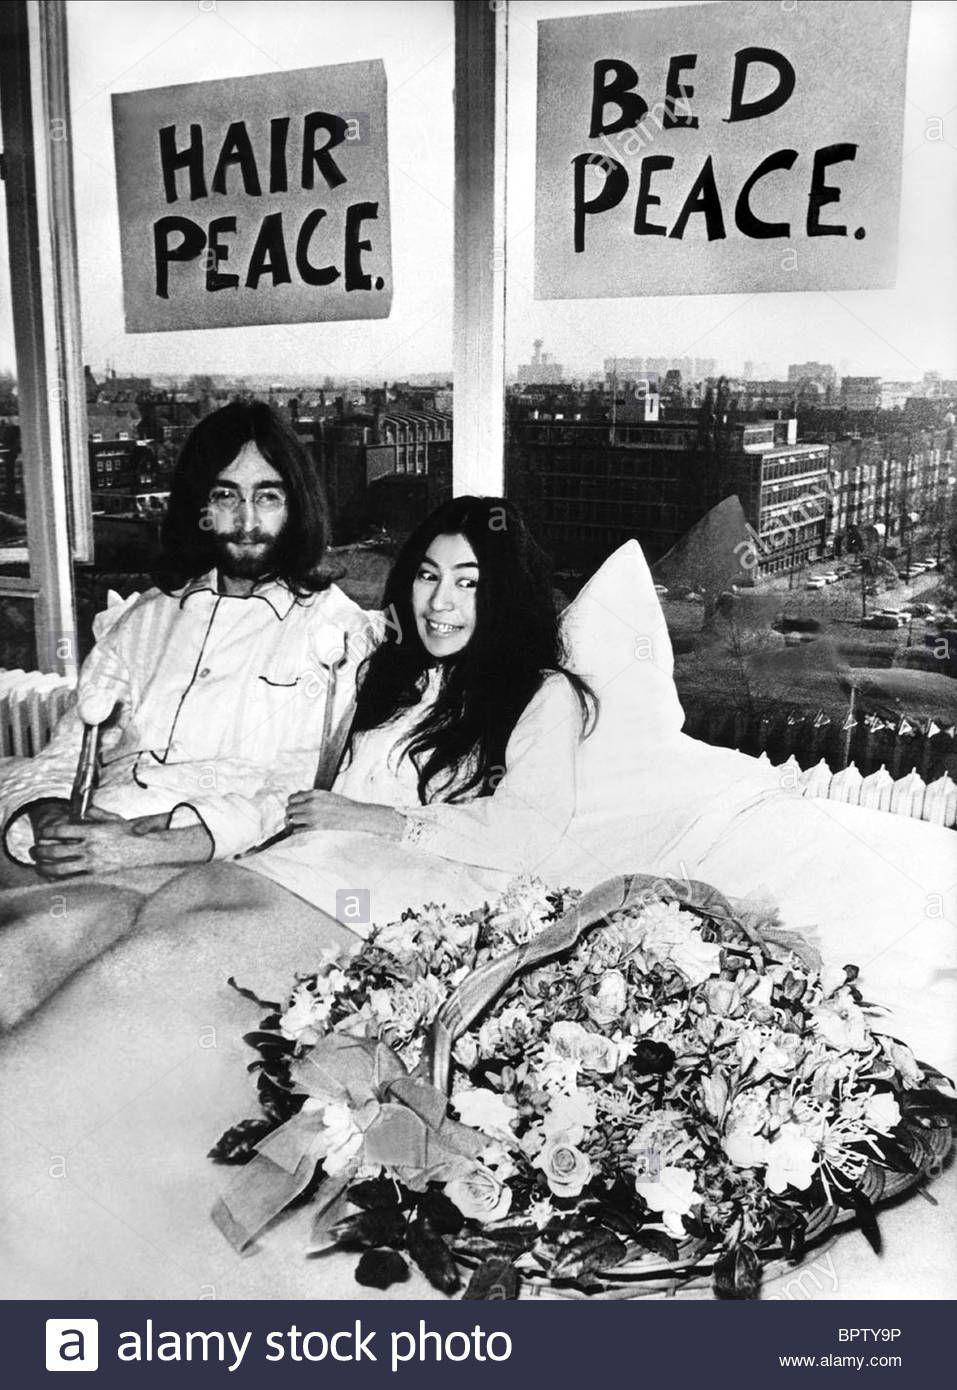 Bed Peace John Lennon Yoko Ono 1969 John Lennon And Yoko Yoko Ono John Lennon Yoko Ono